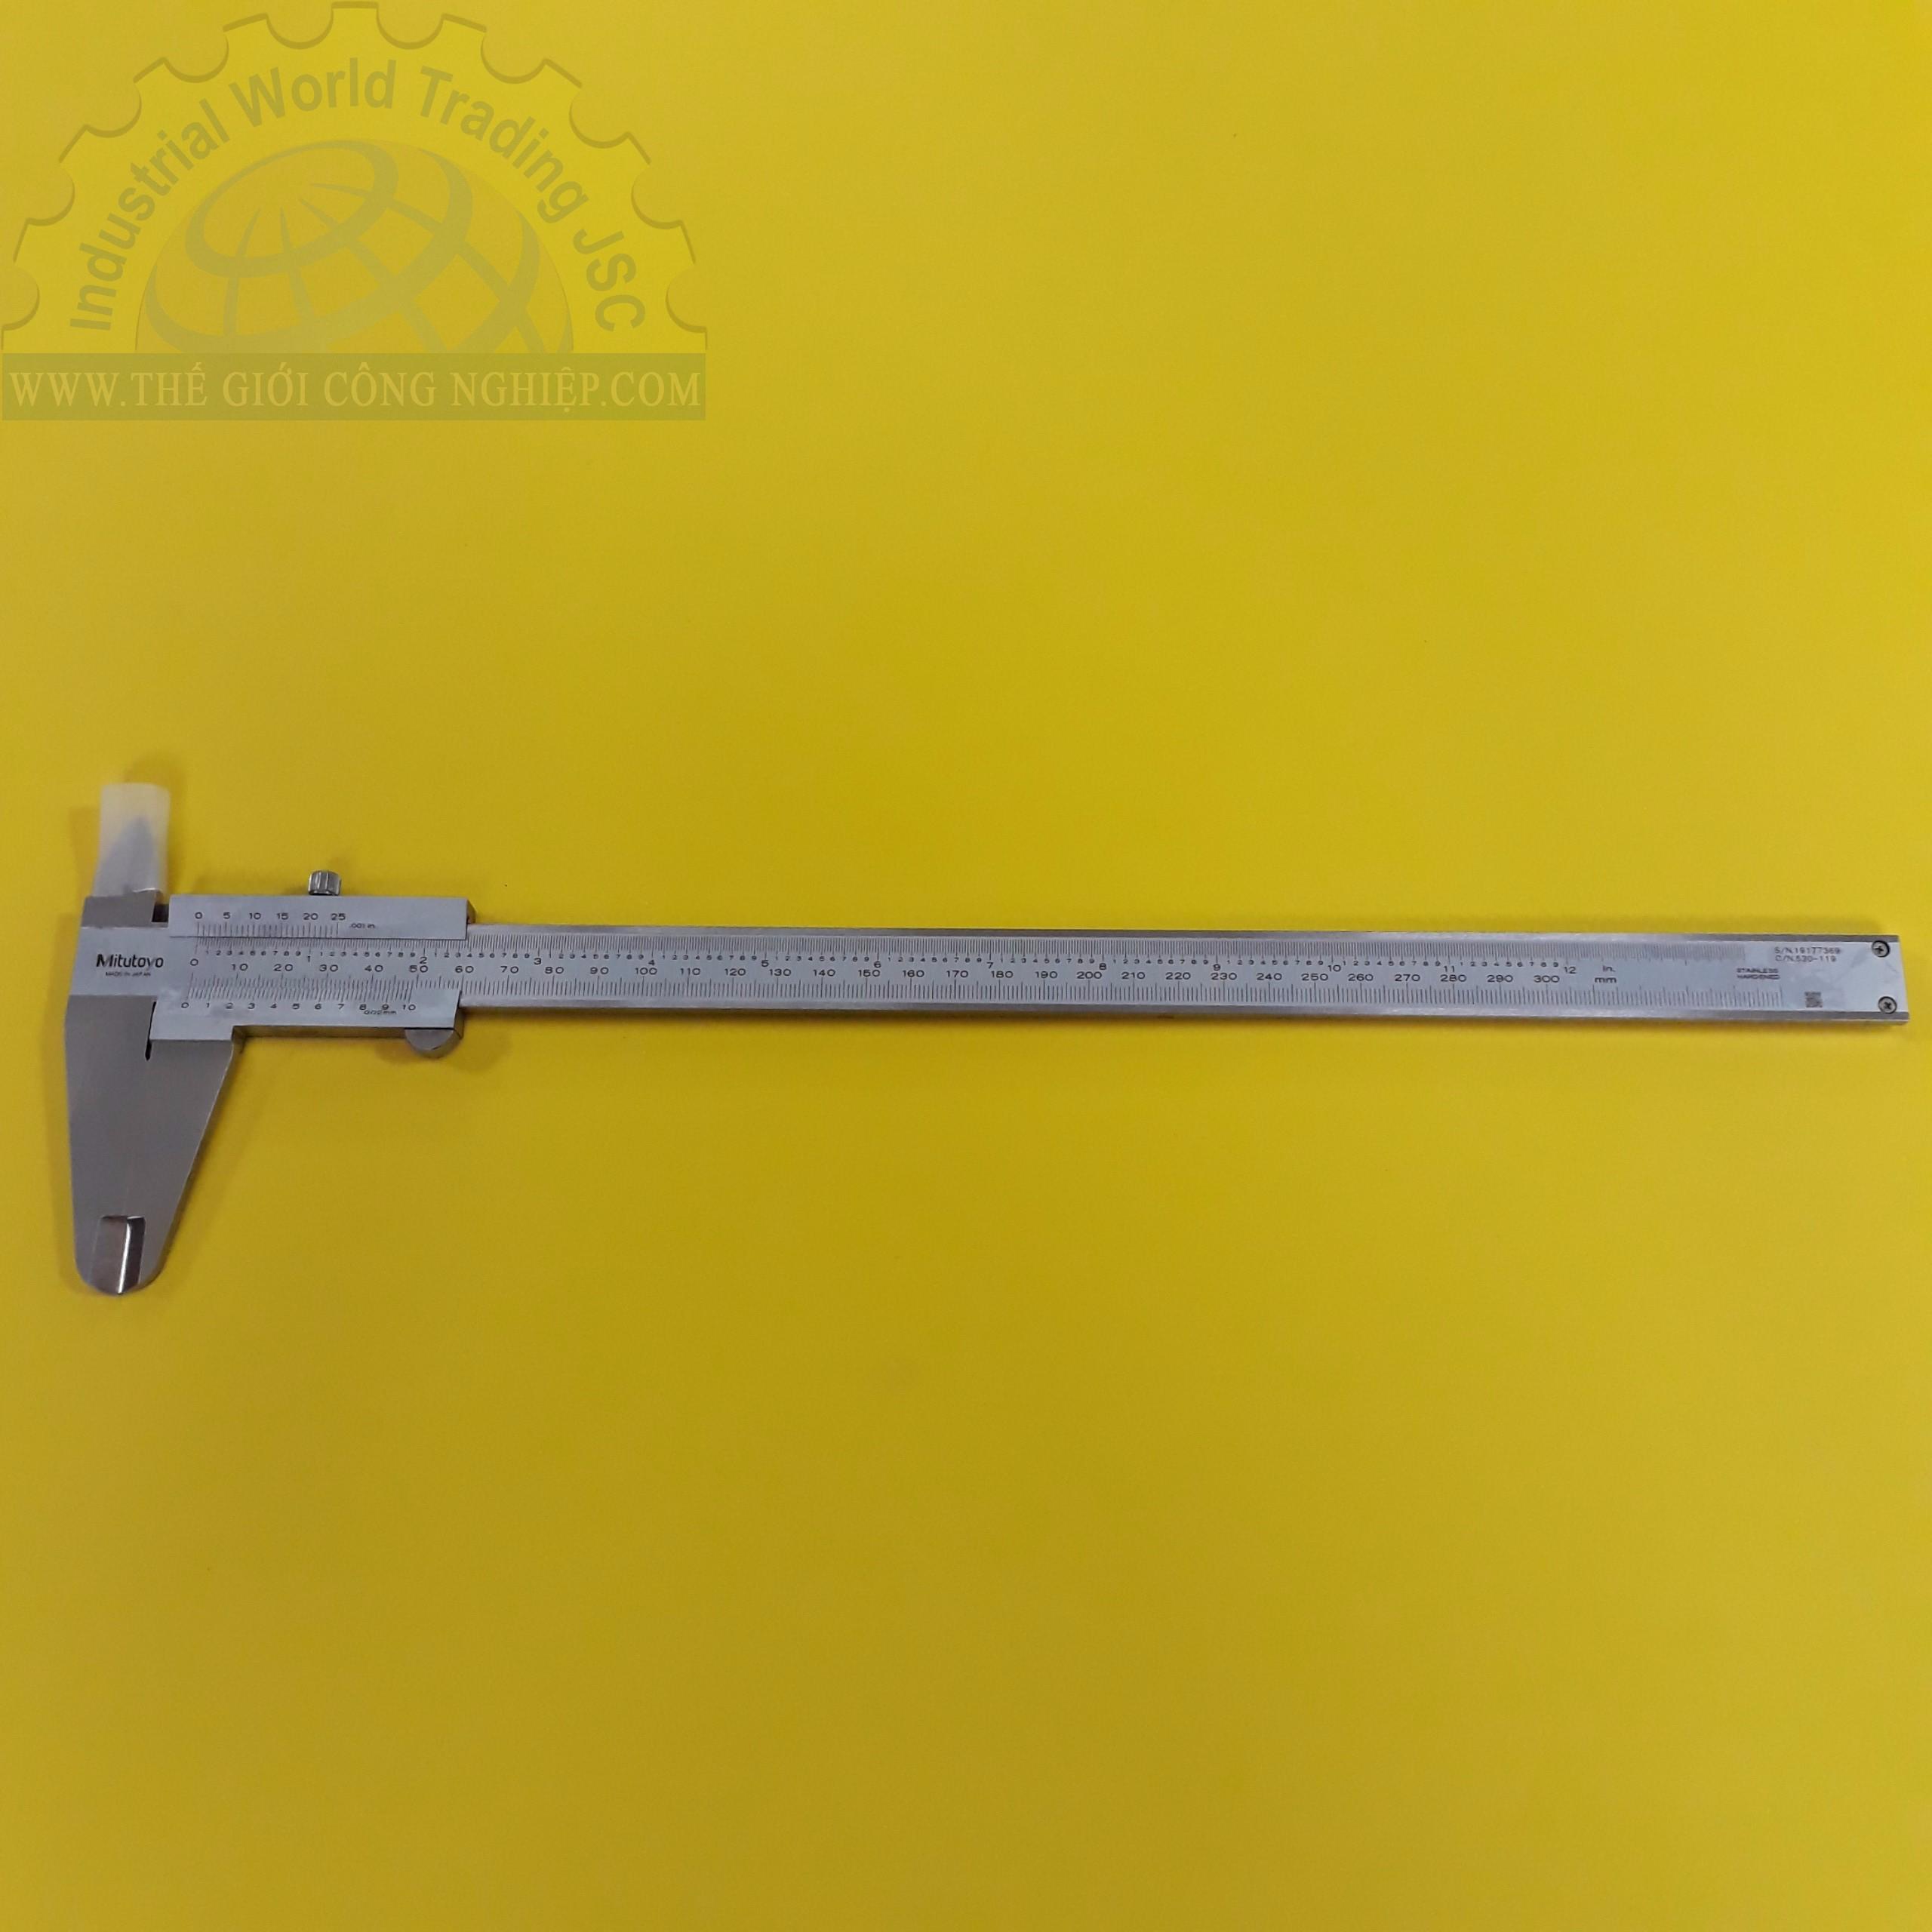 Thước cặp cơ 300mm/0.02mm  530-119 Mitutoyo